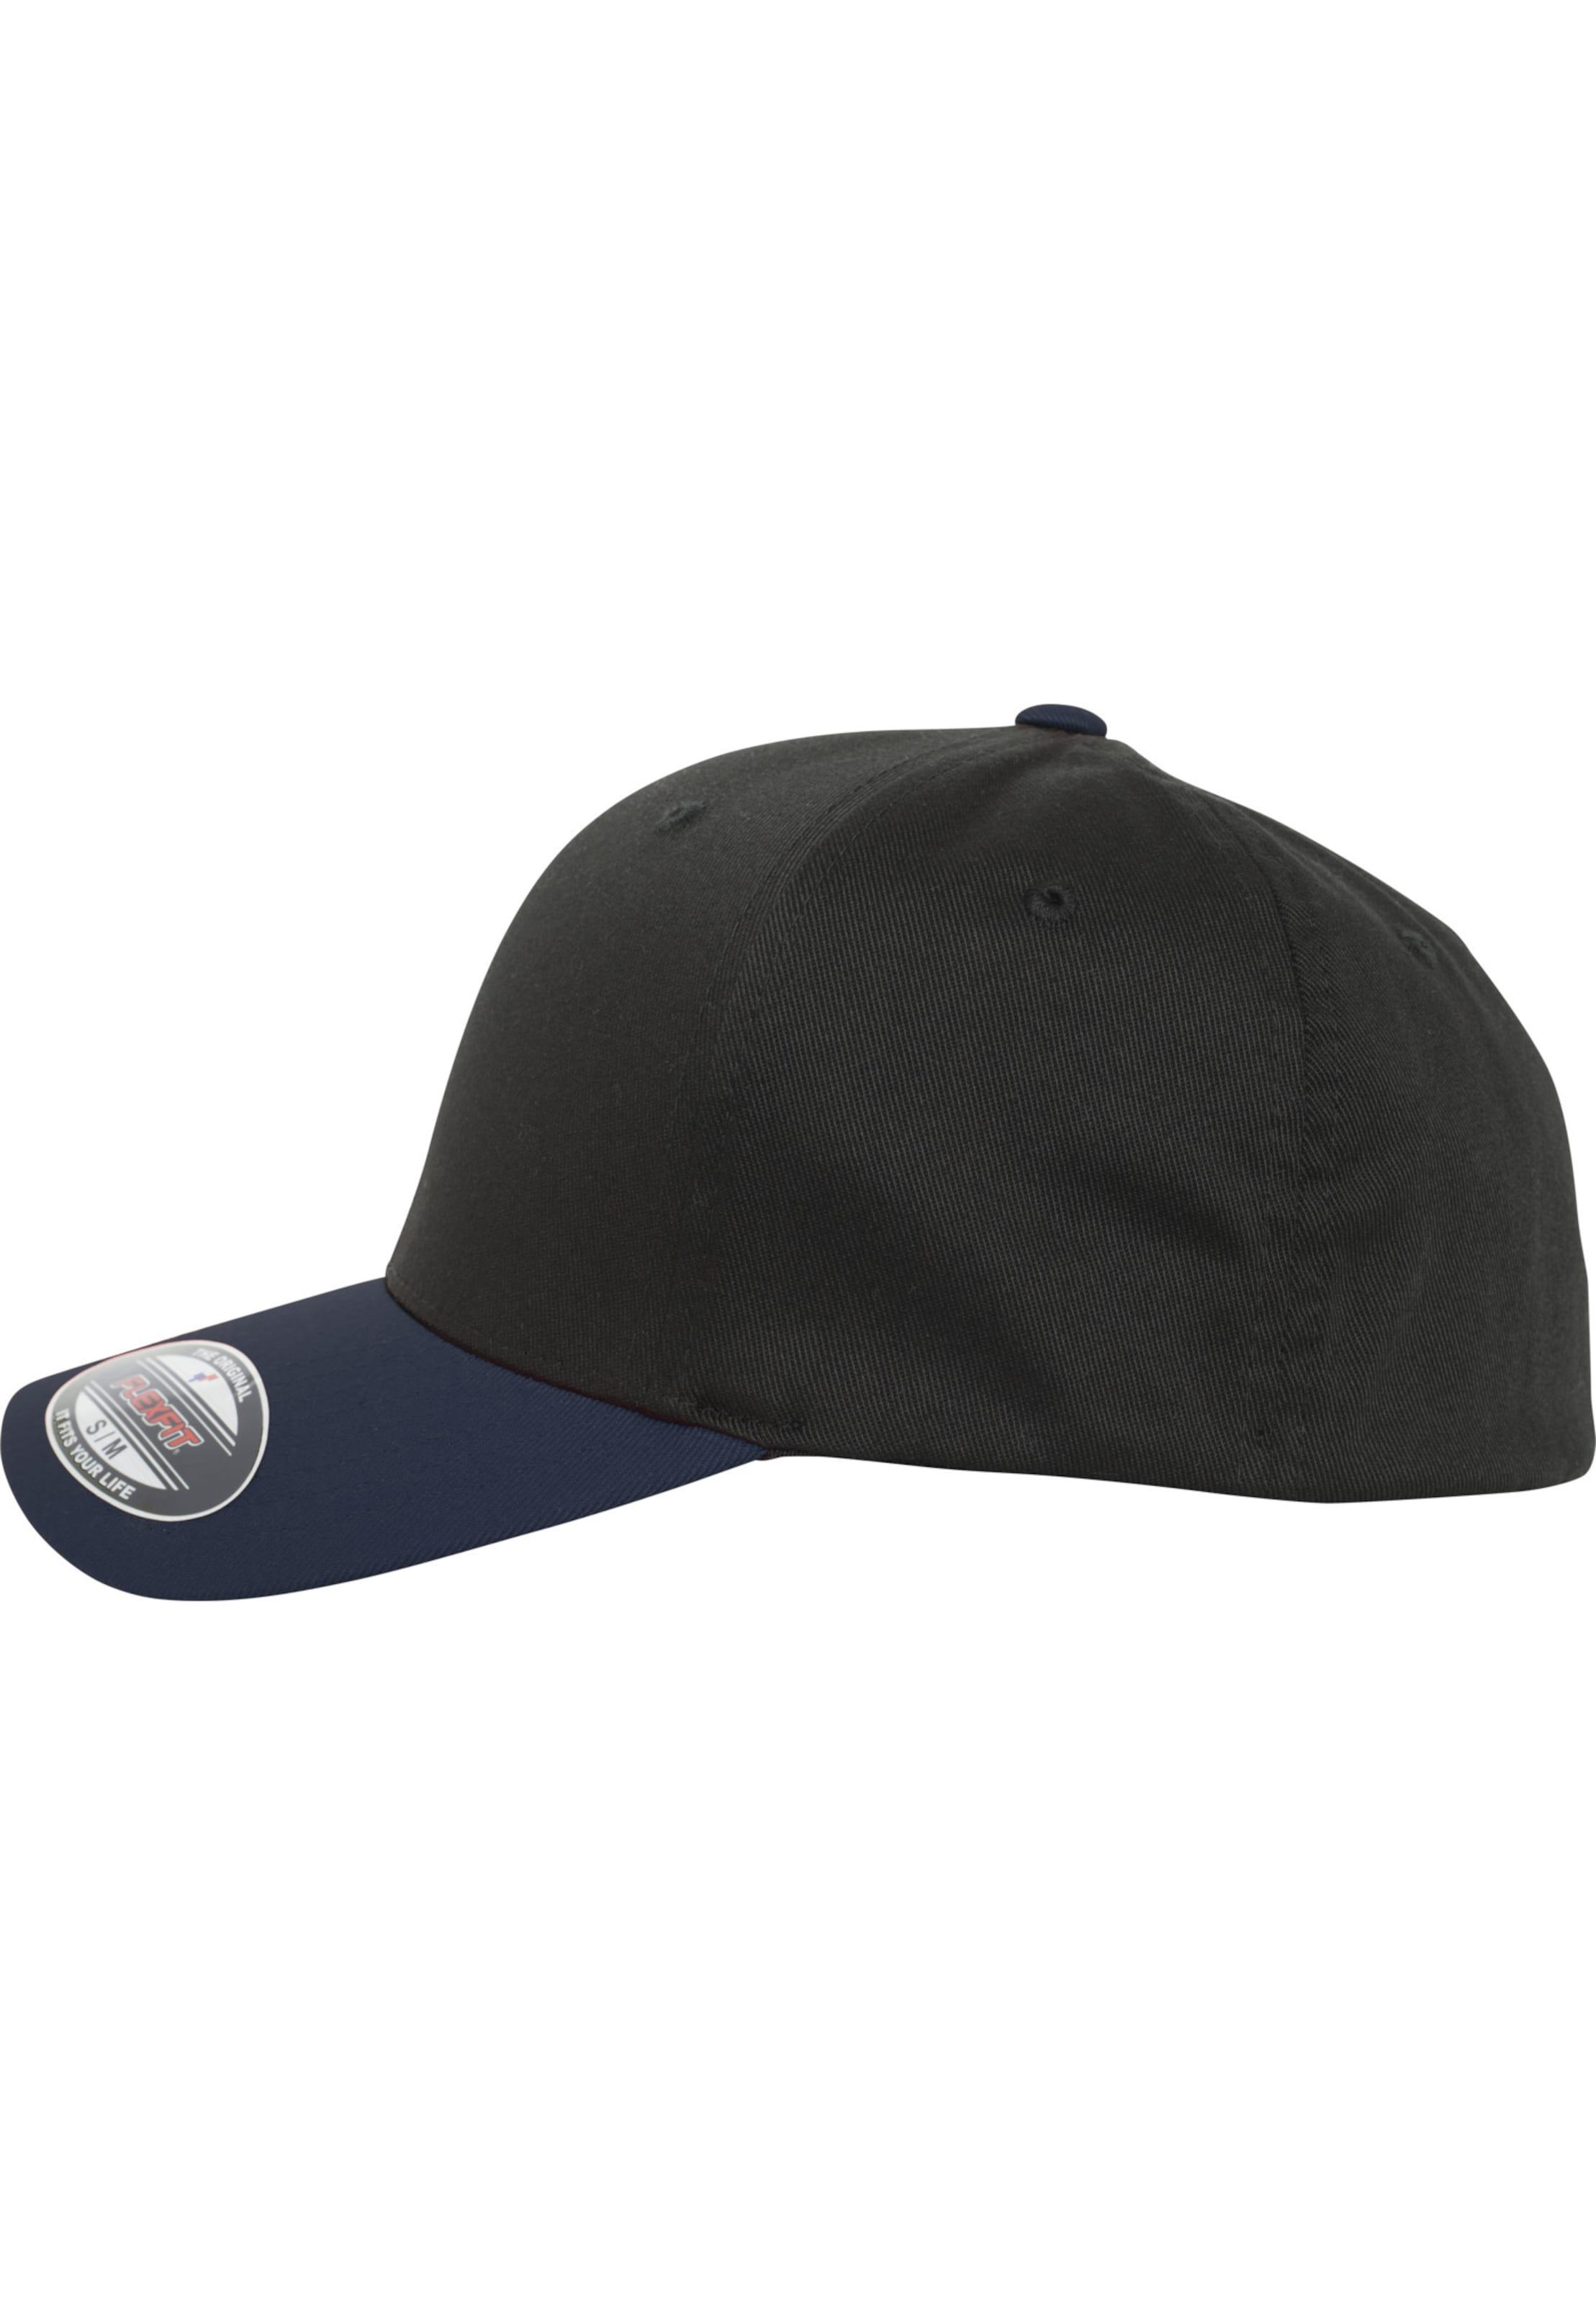 In Flexfit In NavySchwarz Flexfit Flexfit In NavySchwarz Cap Cap Cap D9IE2YeWH